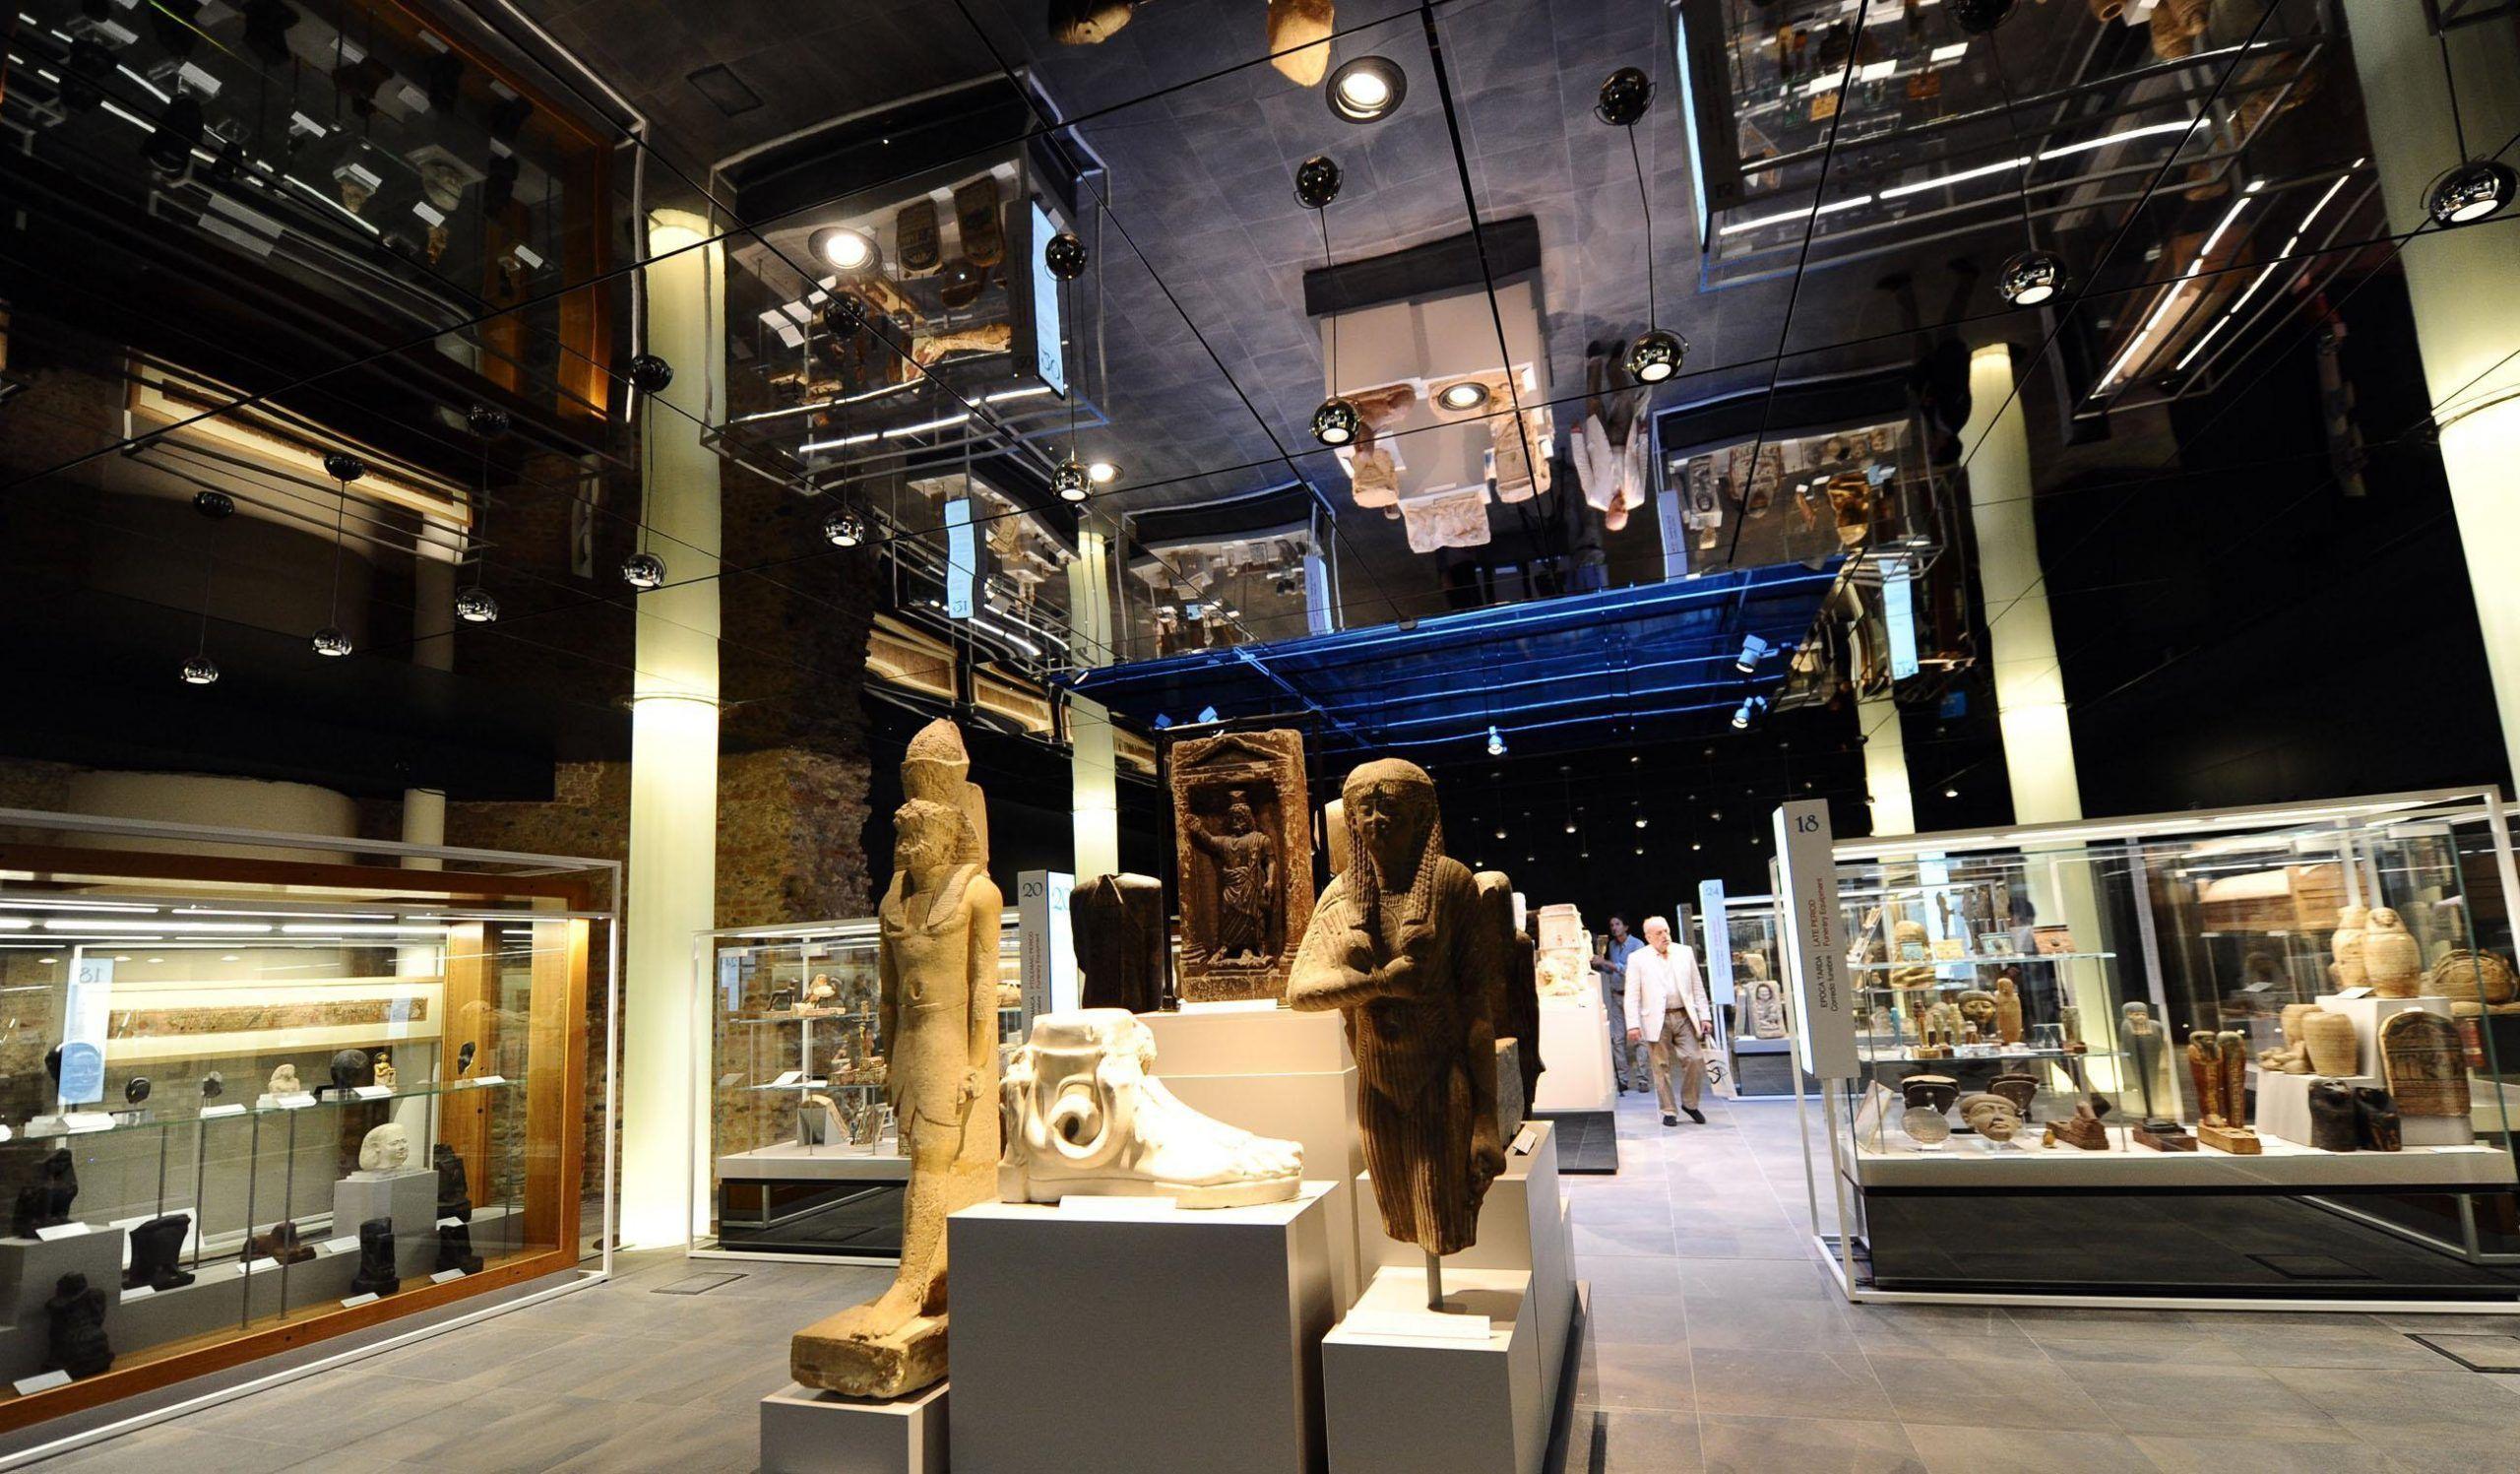 festa dei musei 2018 museo egizio torino